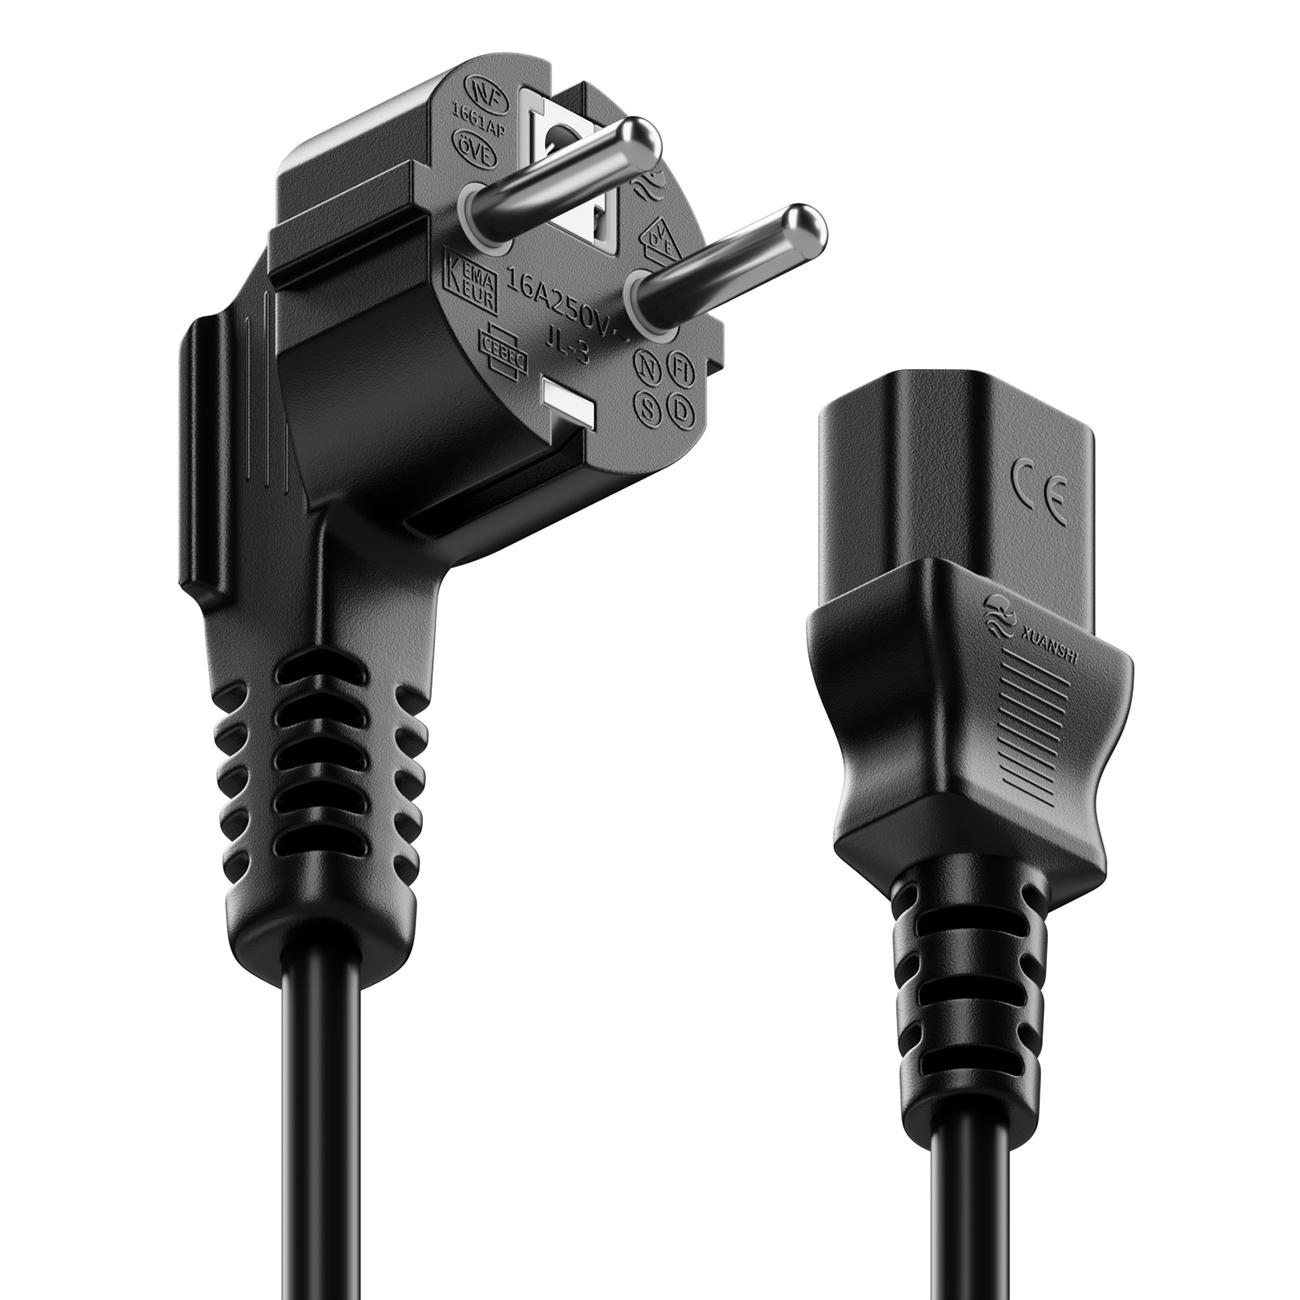 15m Stromkabel Kaltgerätekabel Netzkabel Kaltgeräte Strom Kabel C13 PC Computer